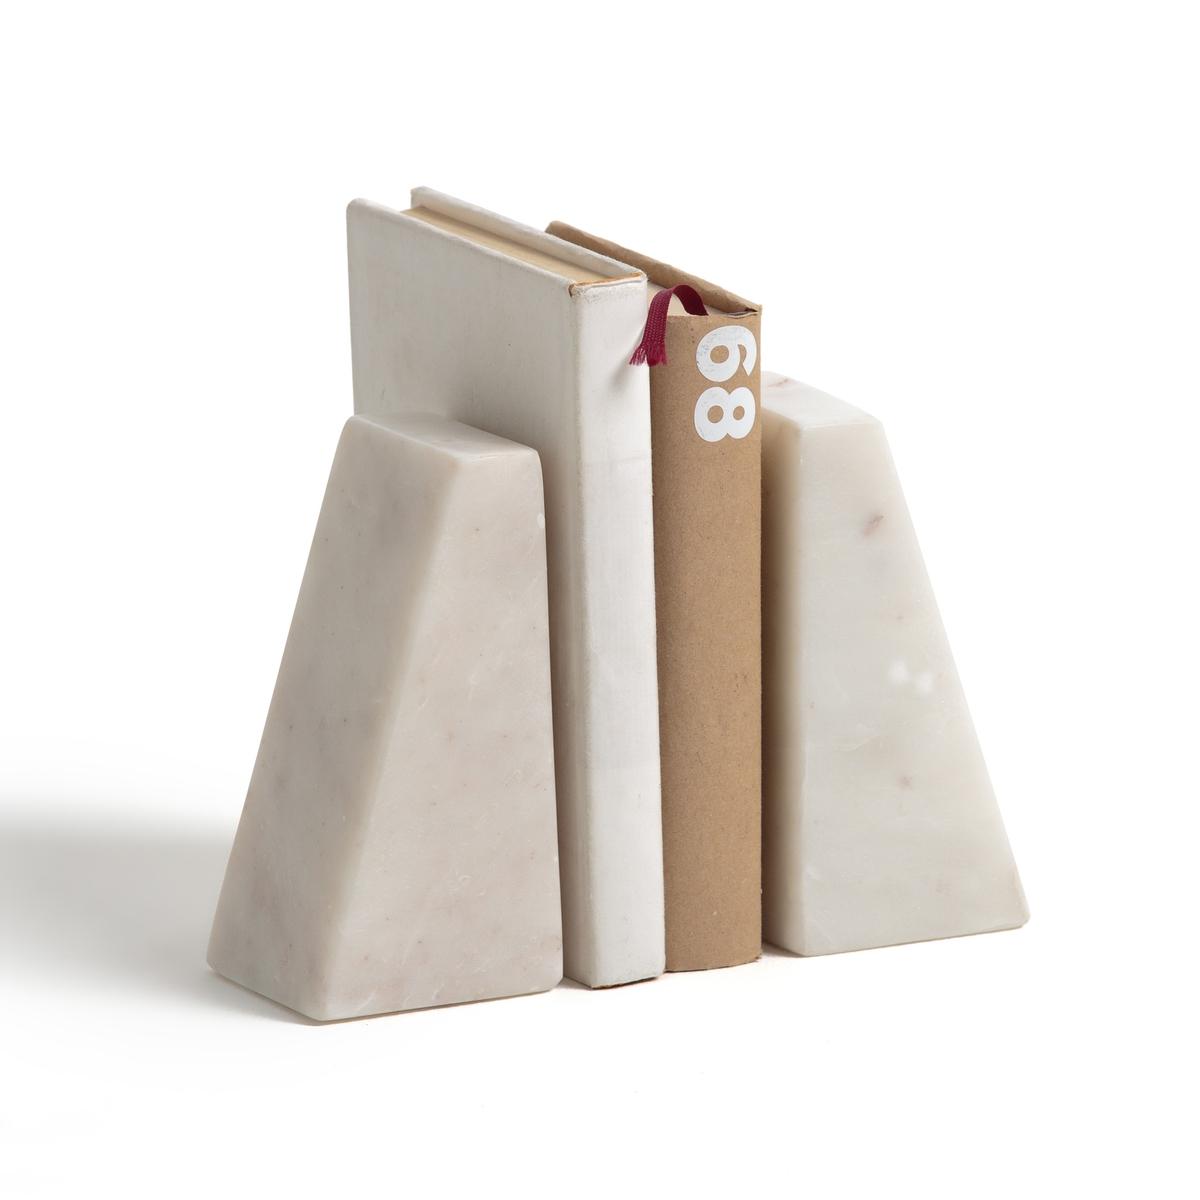 2 подставки для книг из мрамора MAREN2 подставки для книг из мрамора Maren .Строгий, элегантный и функциональный дизайн .Ценный материал изготовления- мрамор .2 подставки для книг из мрамора Maren  :- Из мрамора.- Размеры: Выс15 x ширина 7,5 см . - Продаются в комплекте из 2 штук.Найдите всю коллекцию декора на сайте laredoute .ru<br><br>Цвет: белый